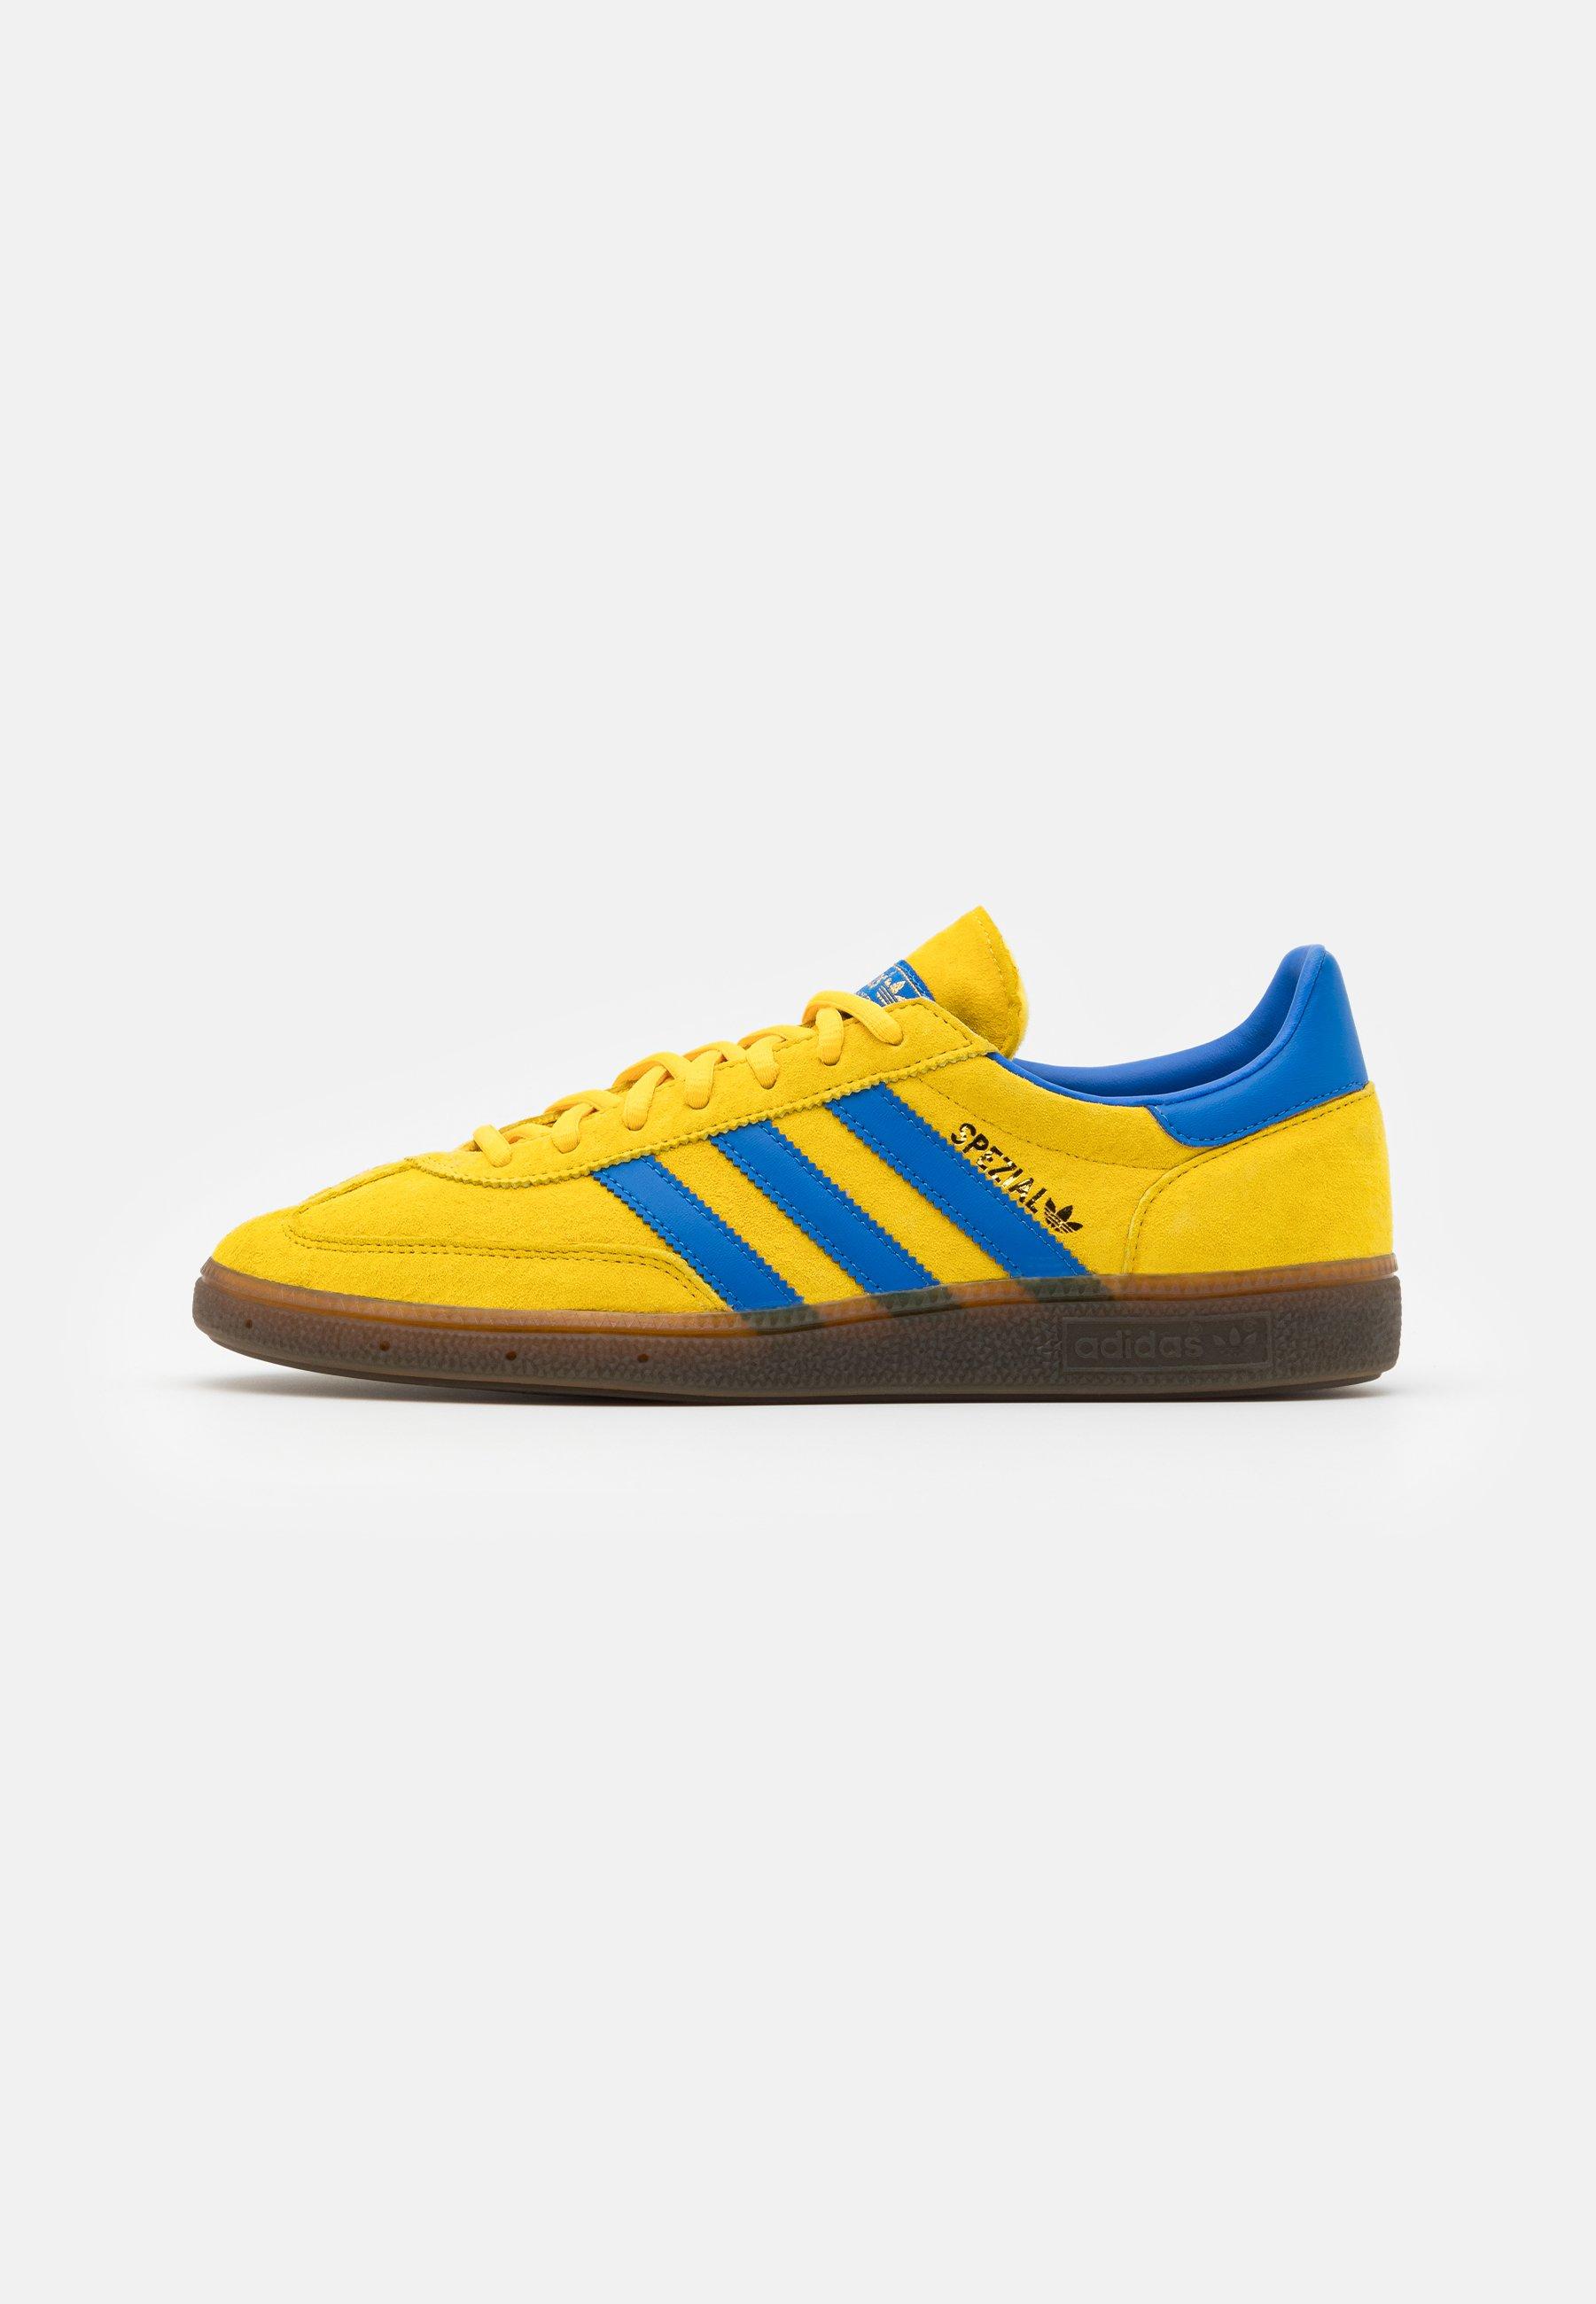 Rústico difícil Especial  adidas Originals HANDBALL SPEZIAL TERRACE SHOES UNISEX - Baskets basses -  glow/blue/jaune - ZALANDO.FR